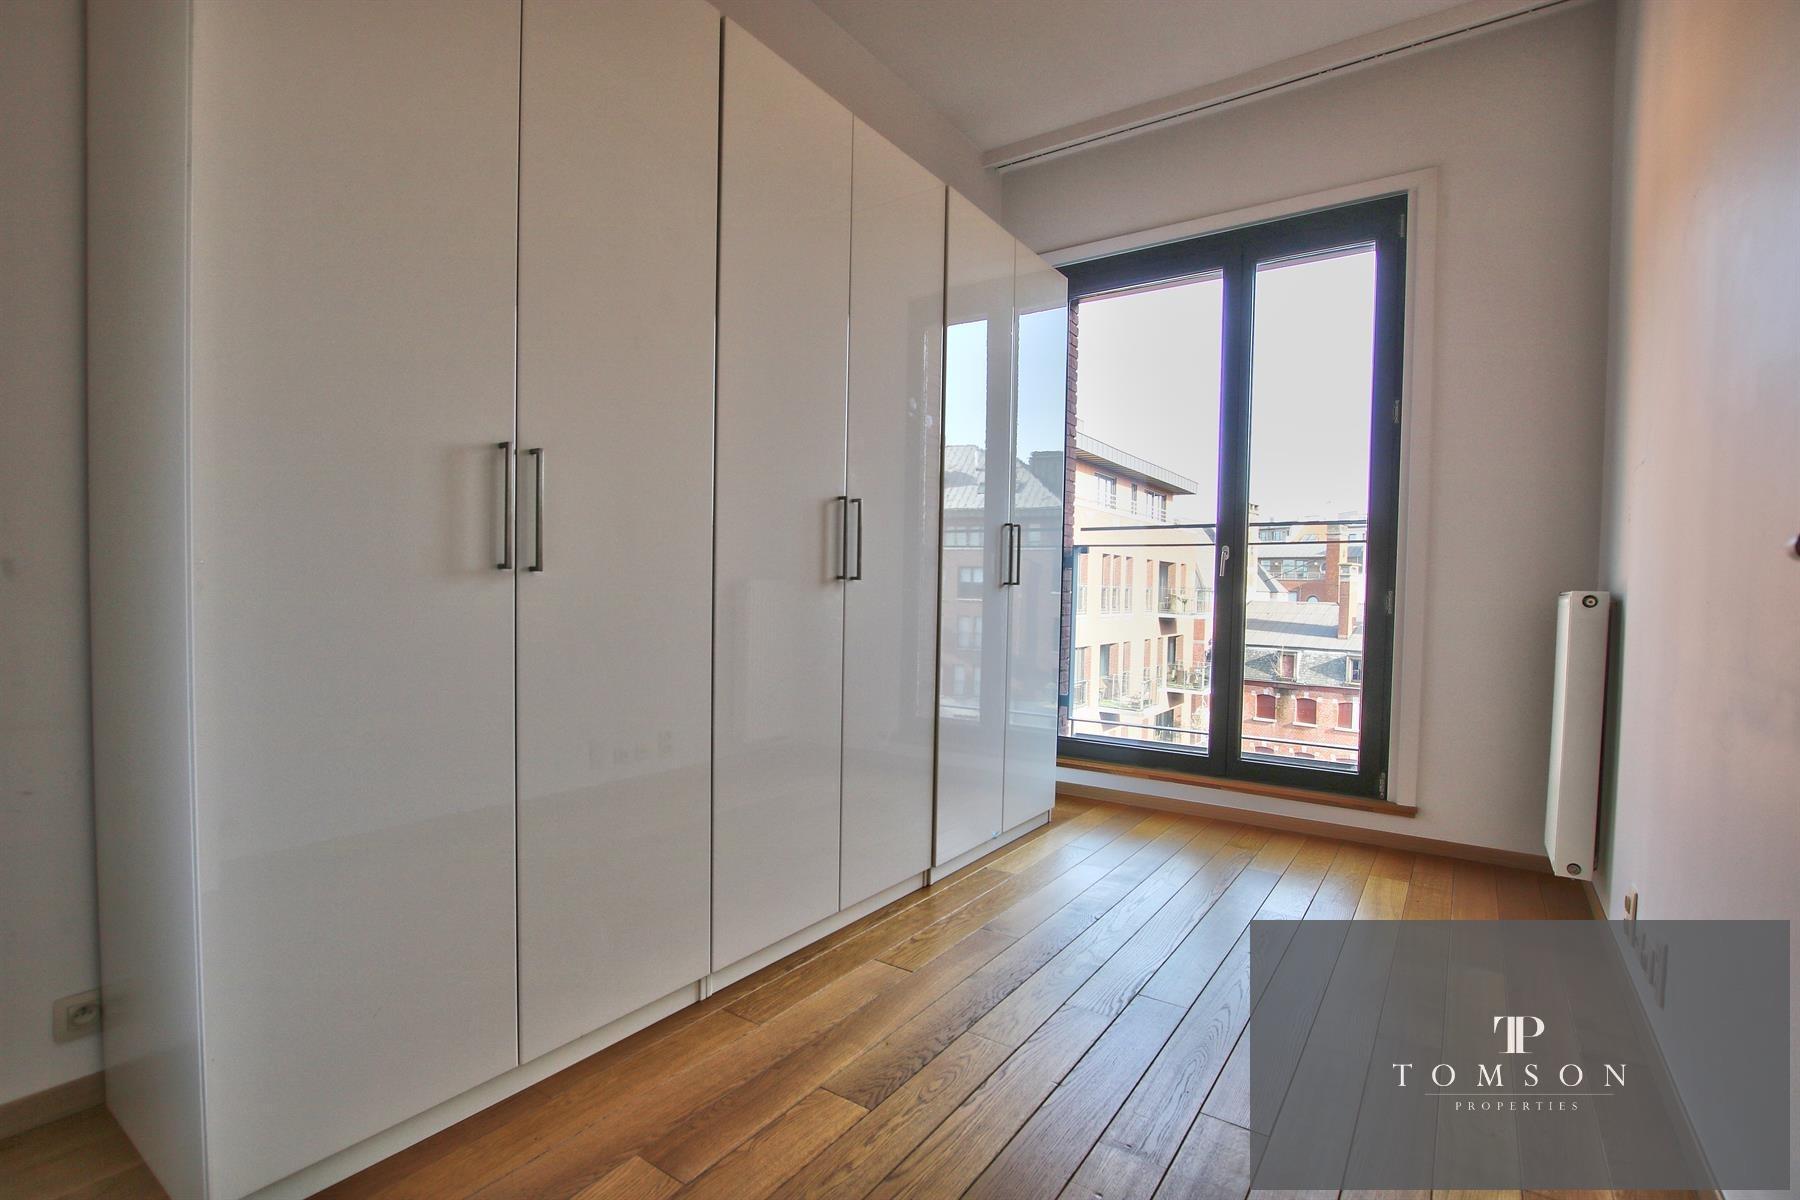 Appartement exceptionnel - Ixelles - #4533638-16